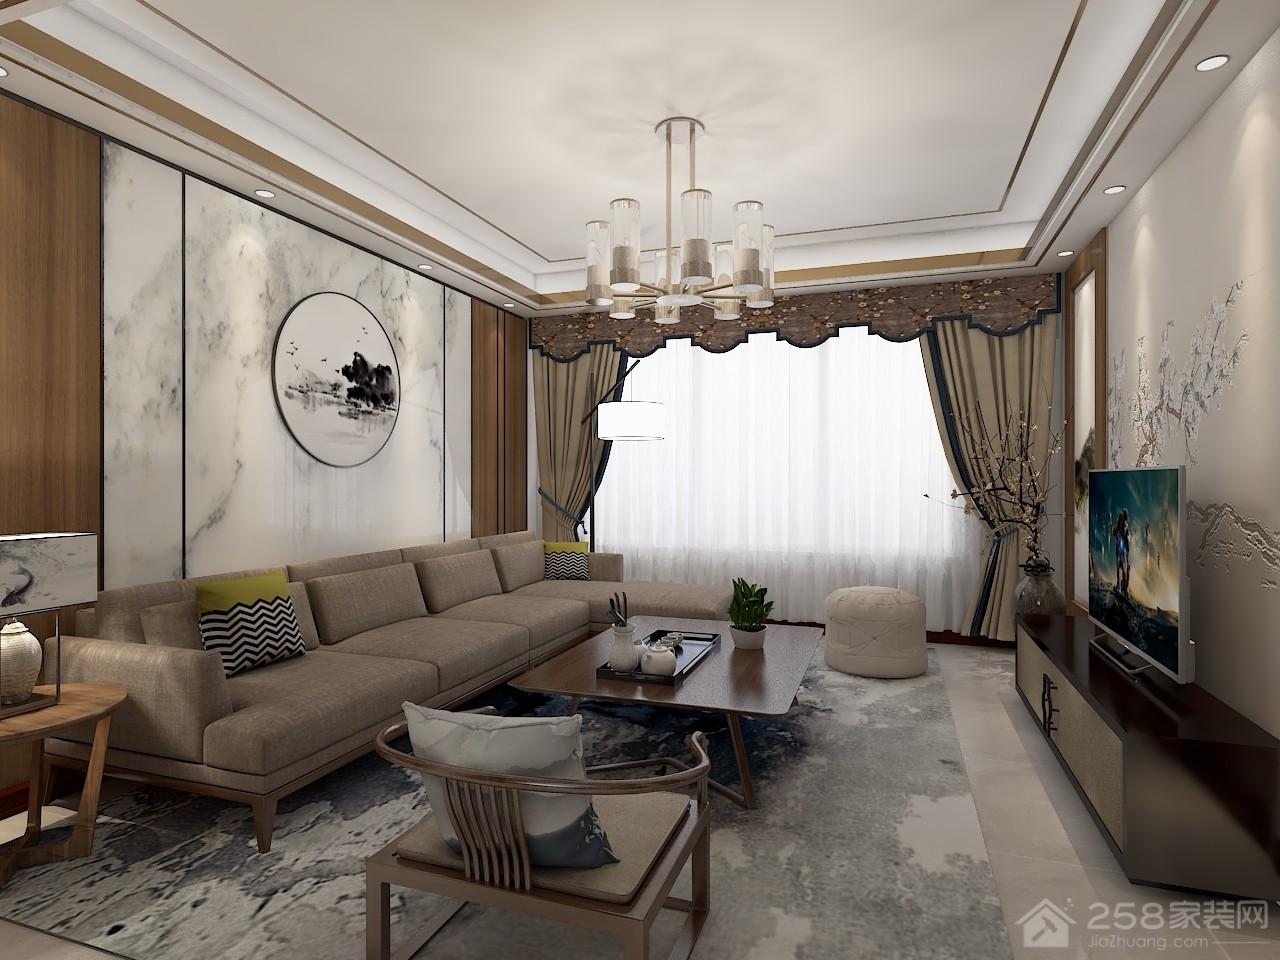 120㎡现代中式风格,三代人的气质居住空间